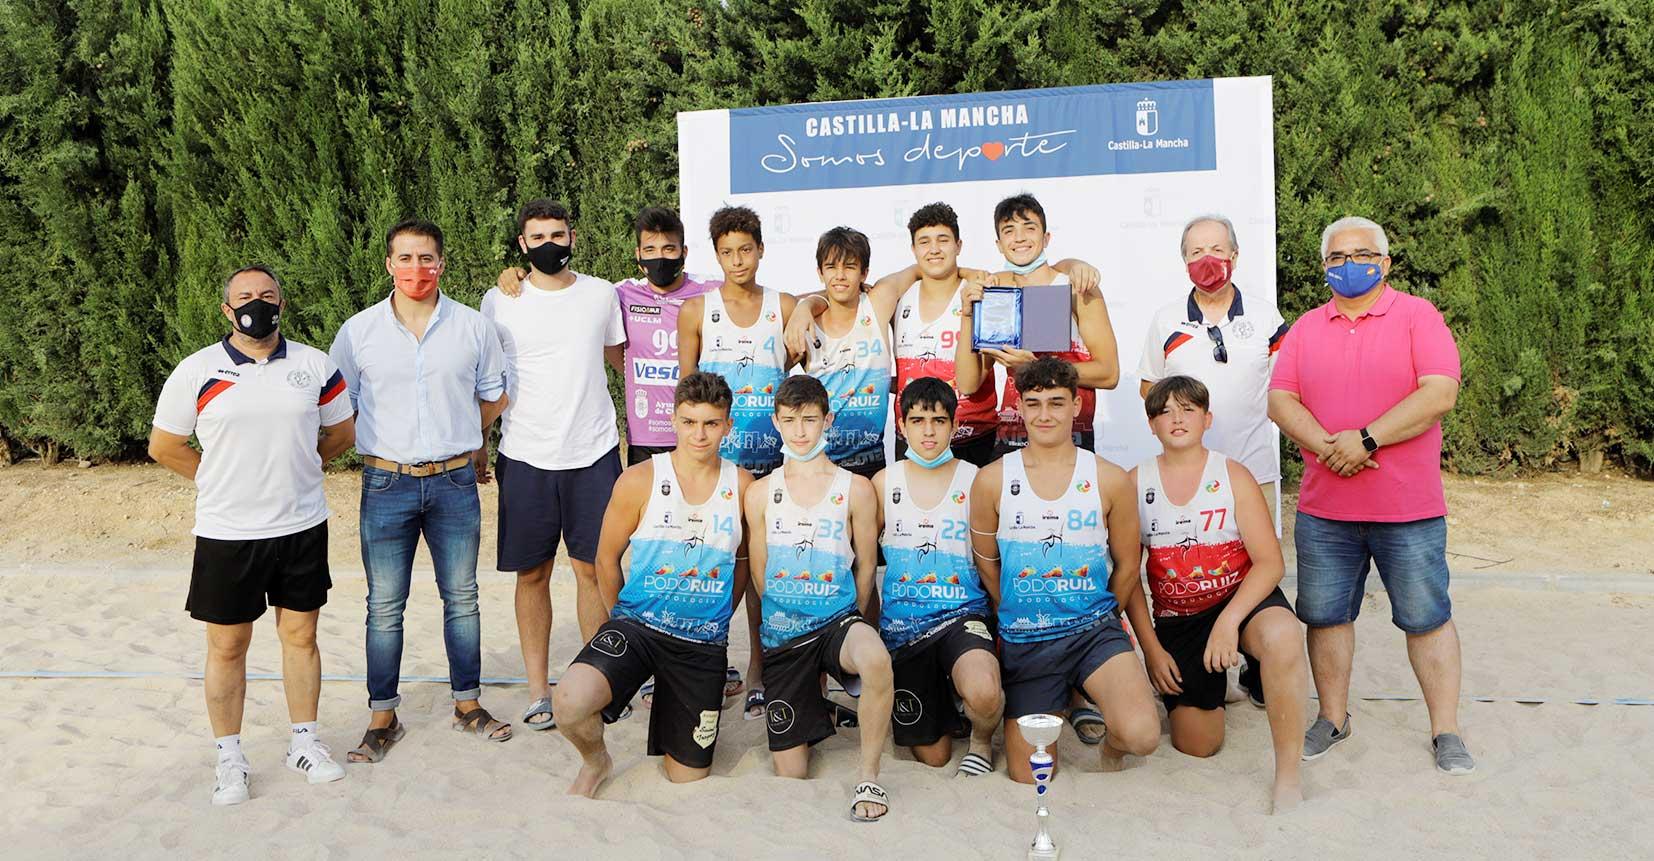 El Gobierno de Castilla-La Mancha se congratula de que Castilla-La Mancha organice por primera vez la Liga regional de Balonmano Playa